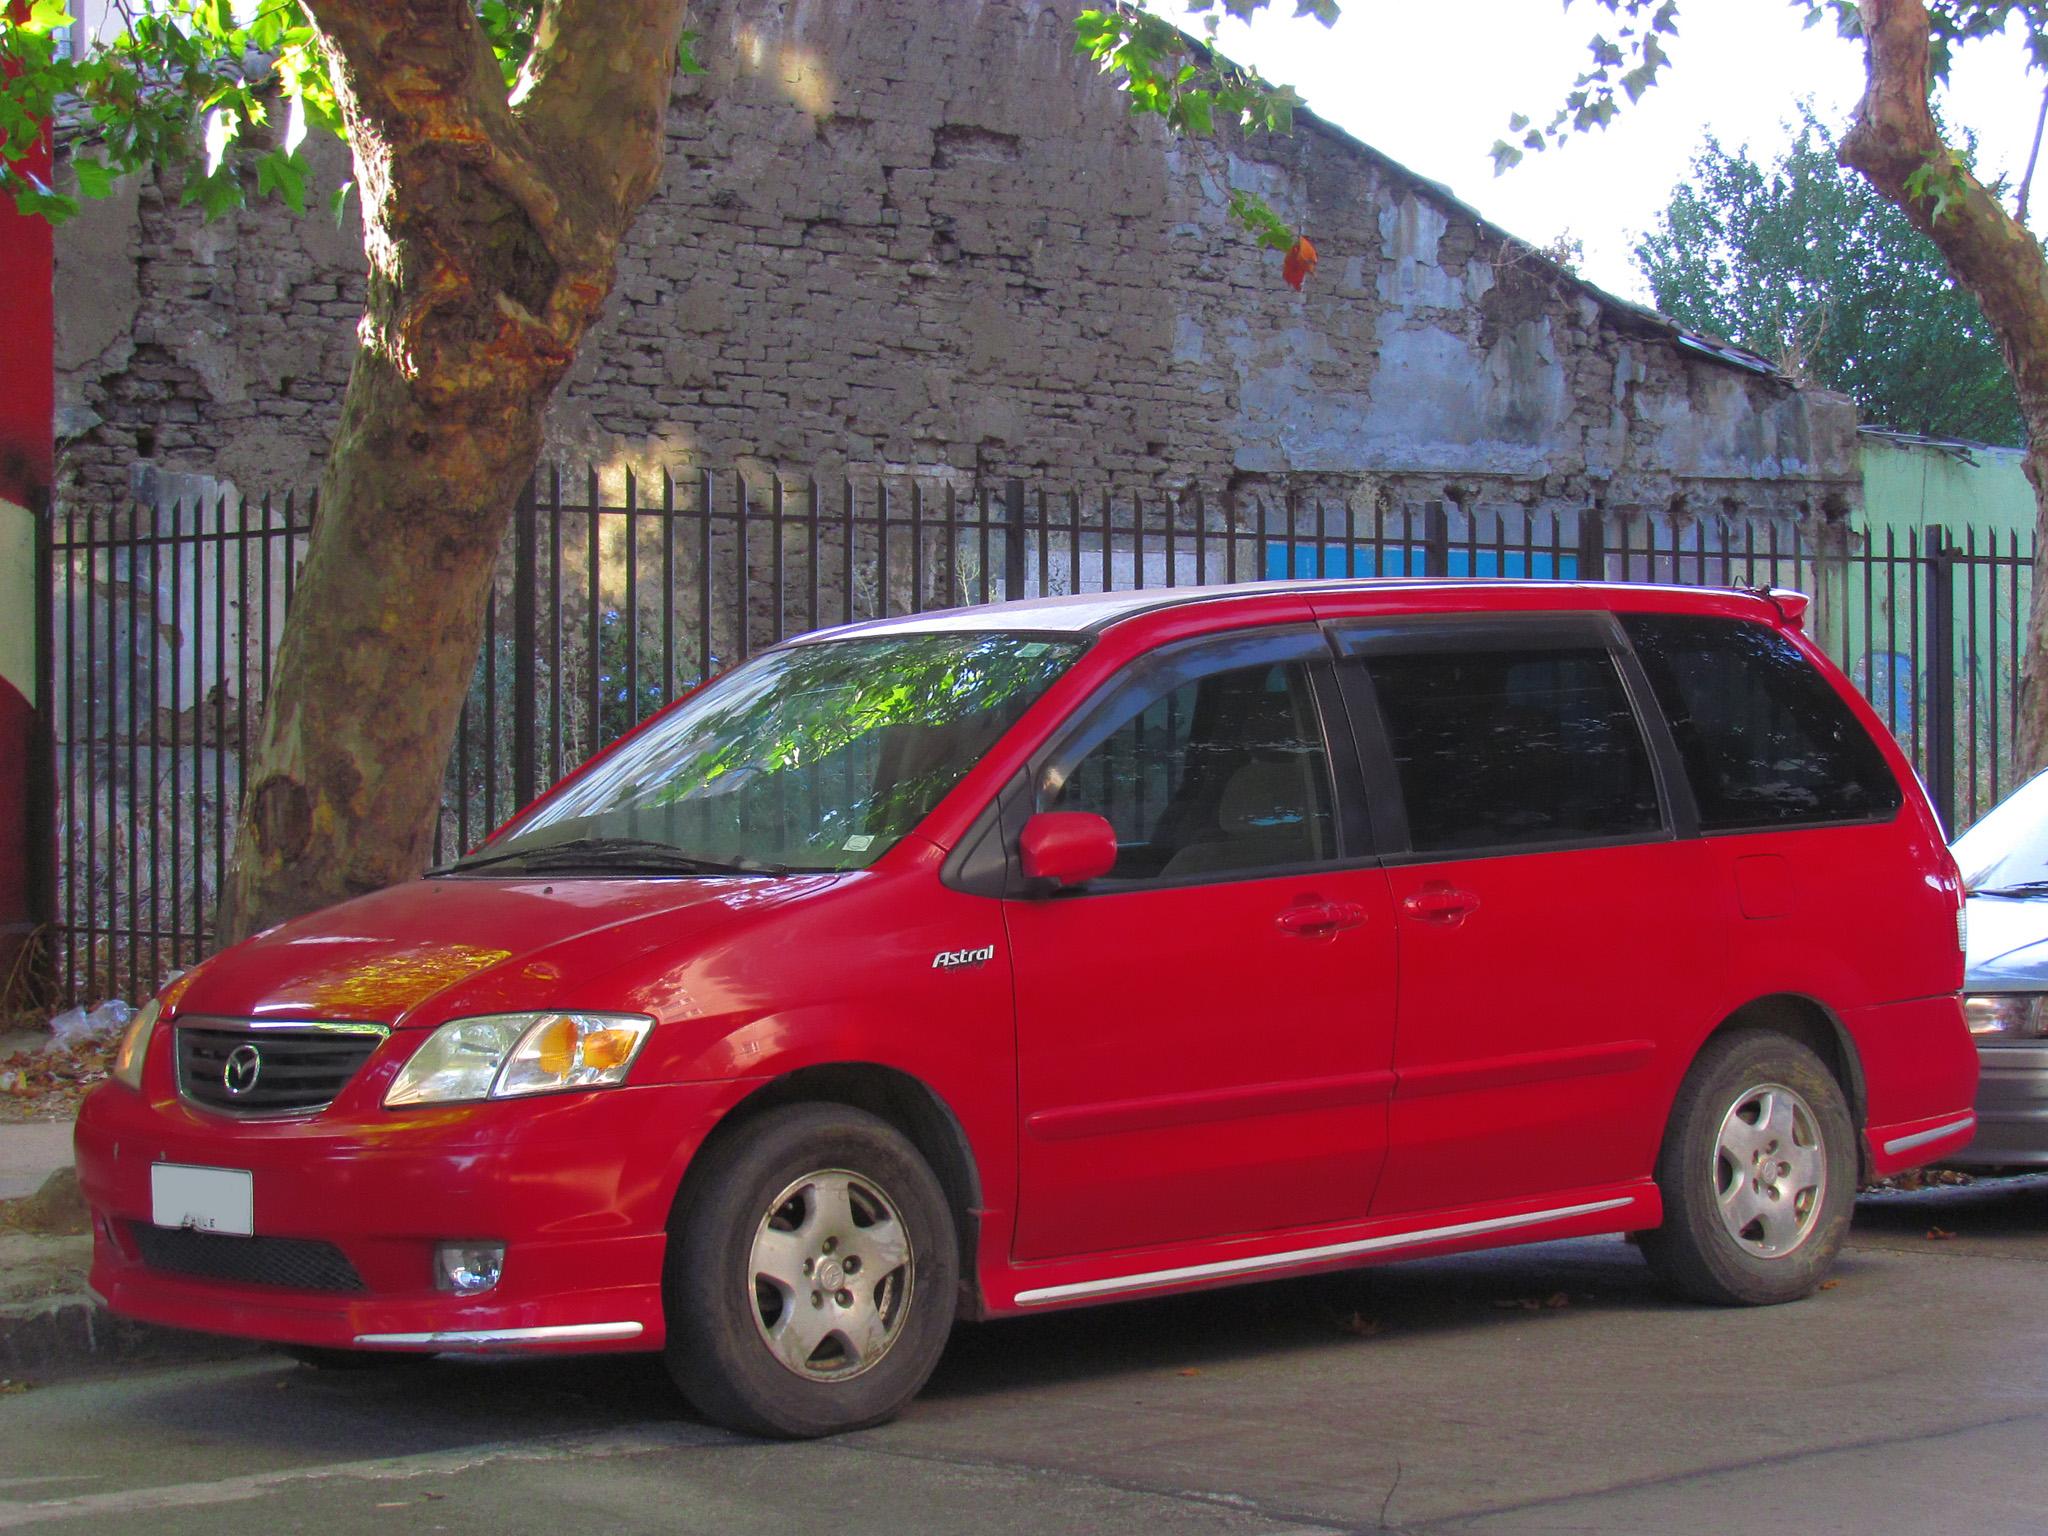 File:Mazda MPV Astral Sporty 2001 (14462035016).jpg